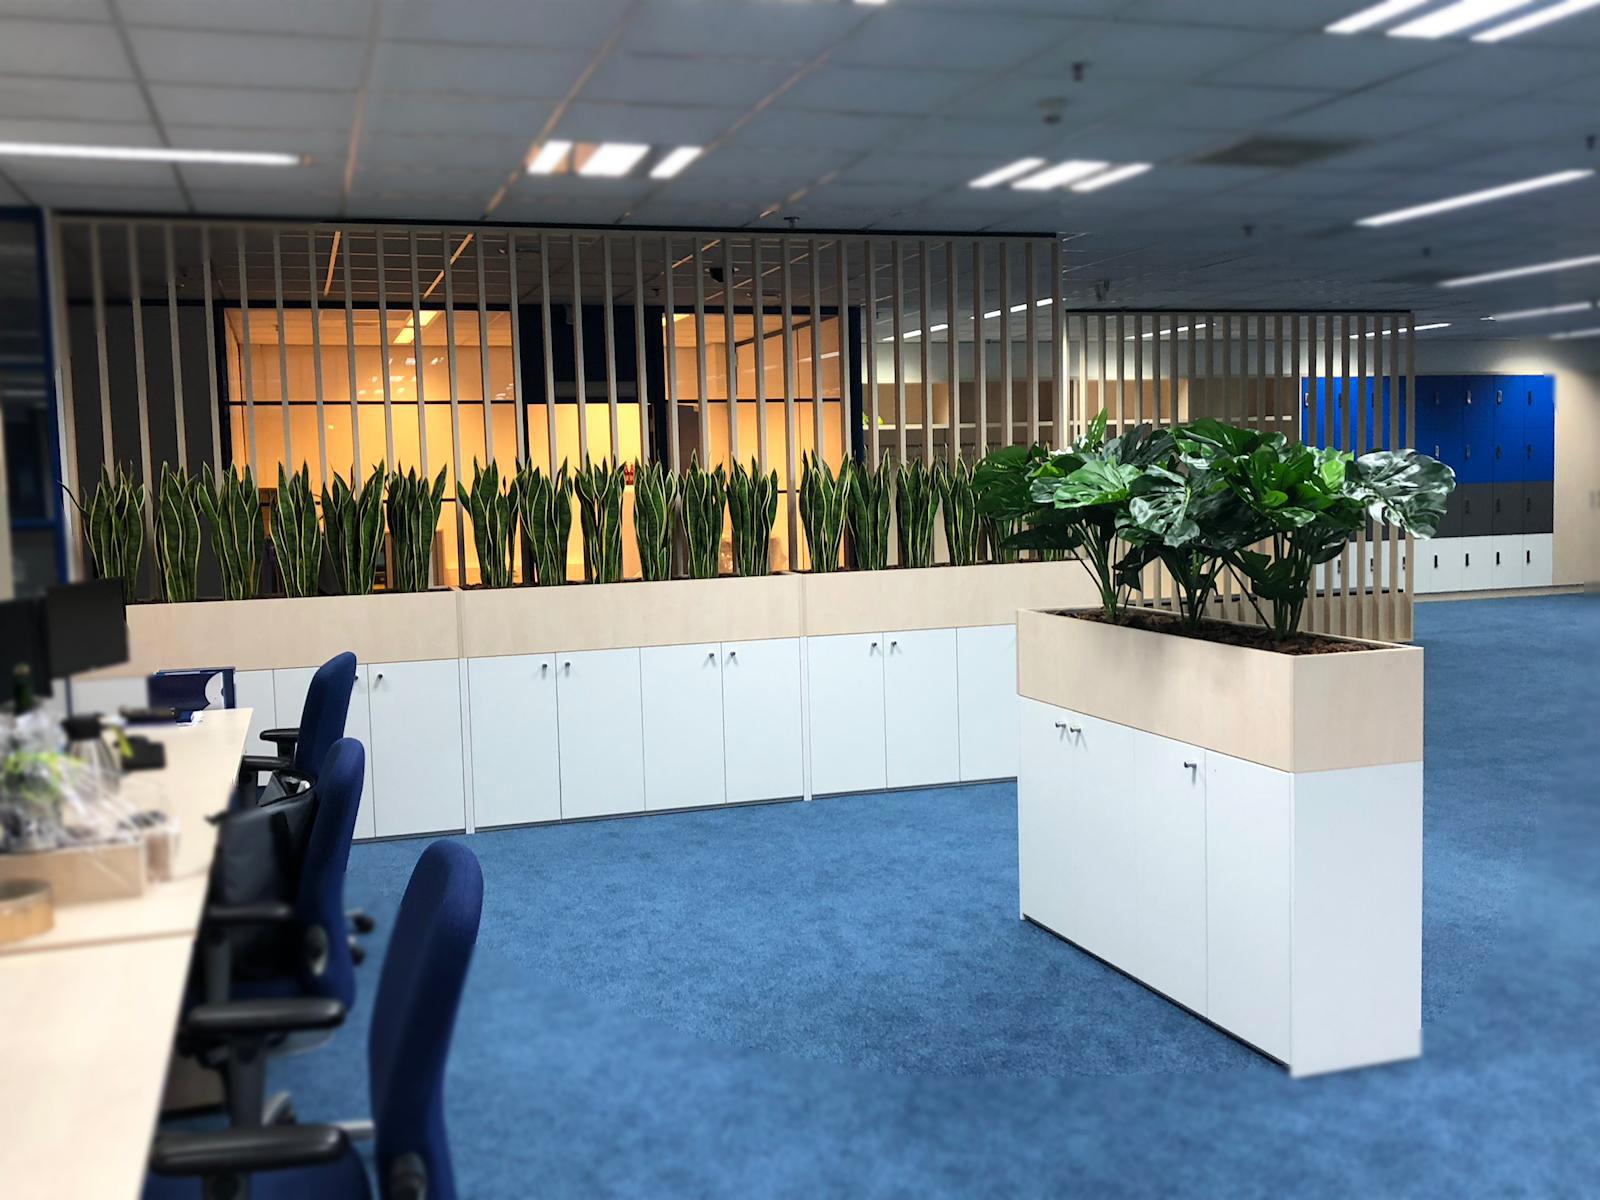 B&S_Interieur_Kantoor_TurnKey_Afdeling_Inkoop.jpg